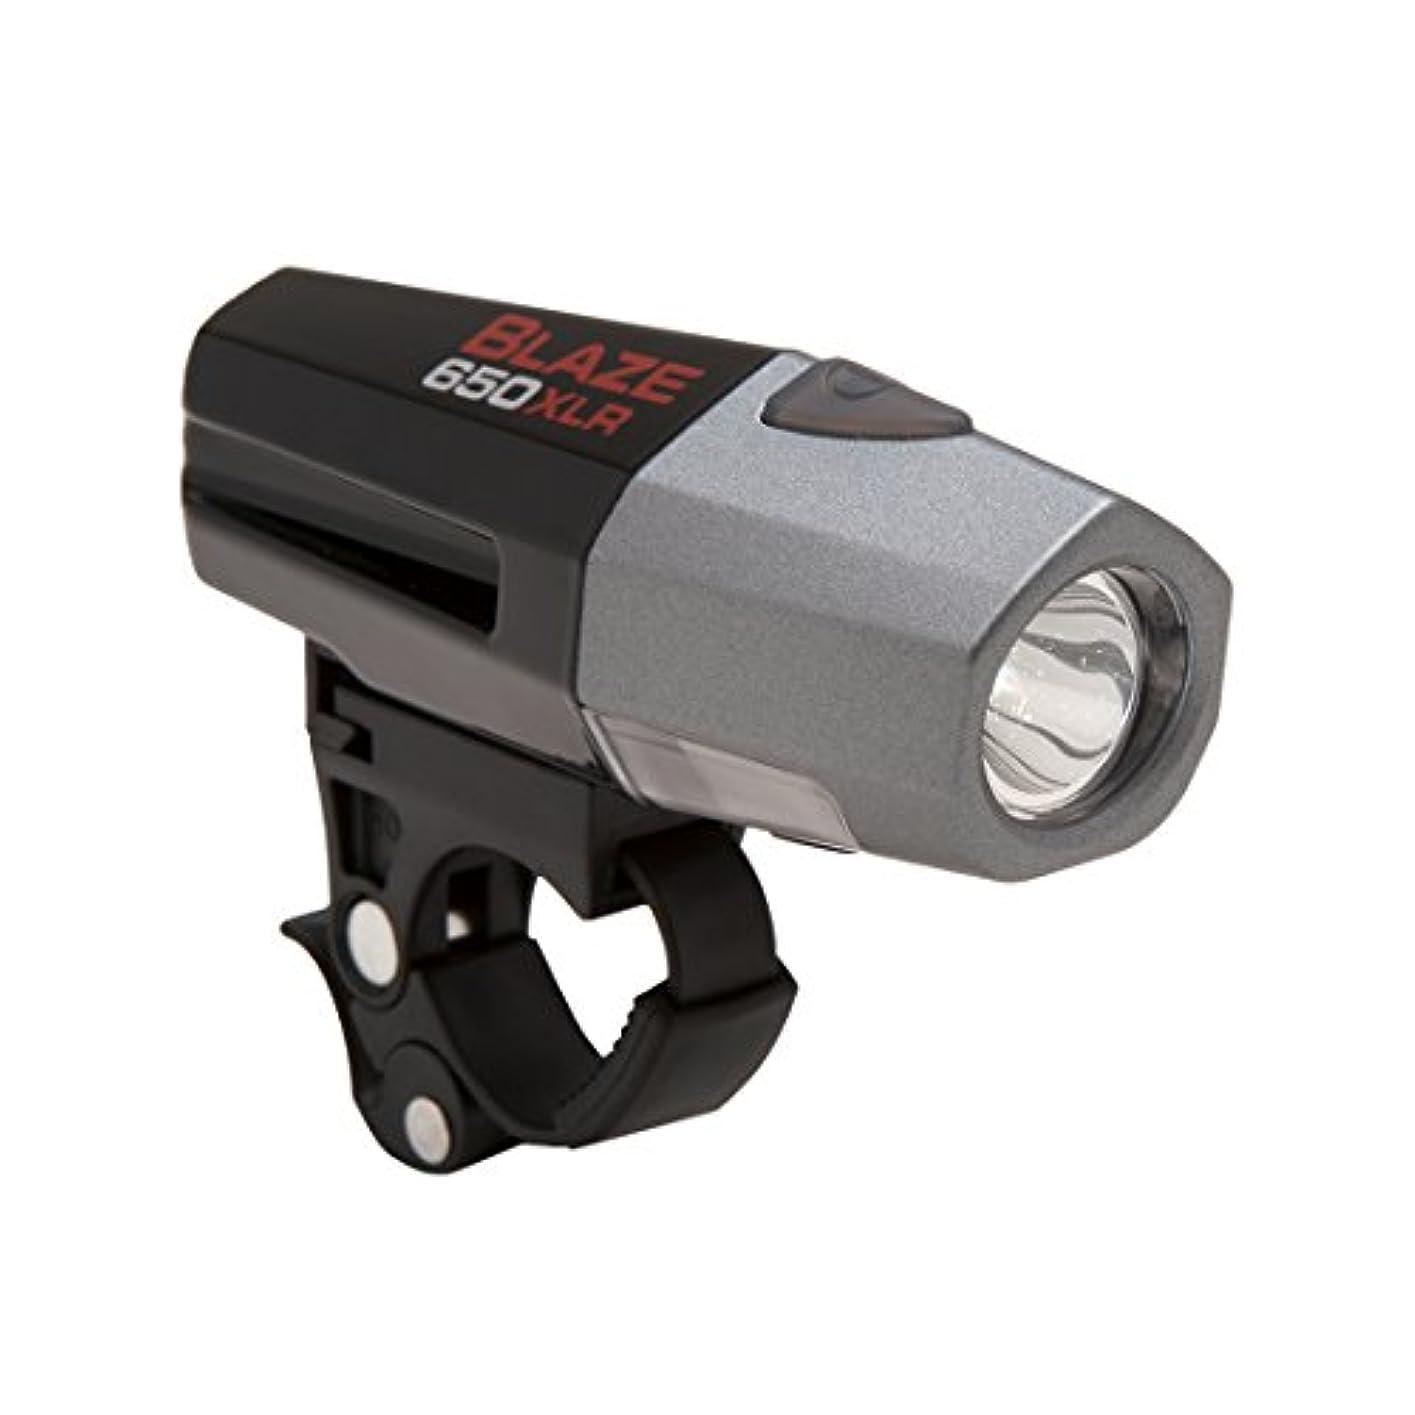 落ち着いて自治対人Planet Bike Blaze 650 XLR Rechargeable Headlight by Planet Bike